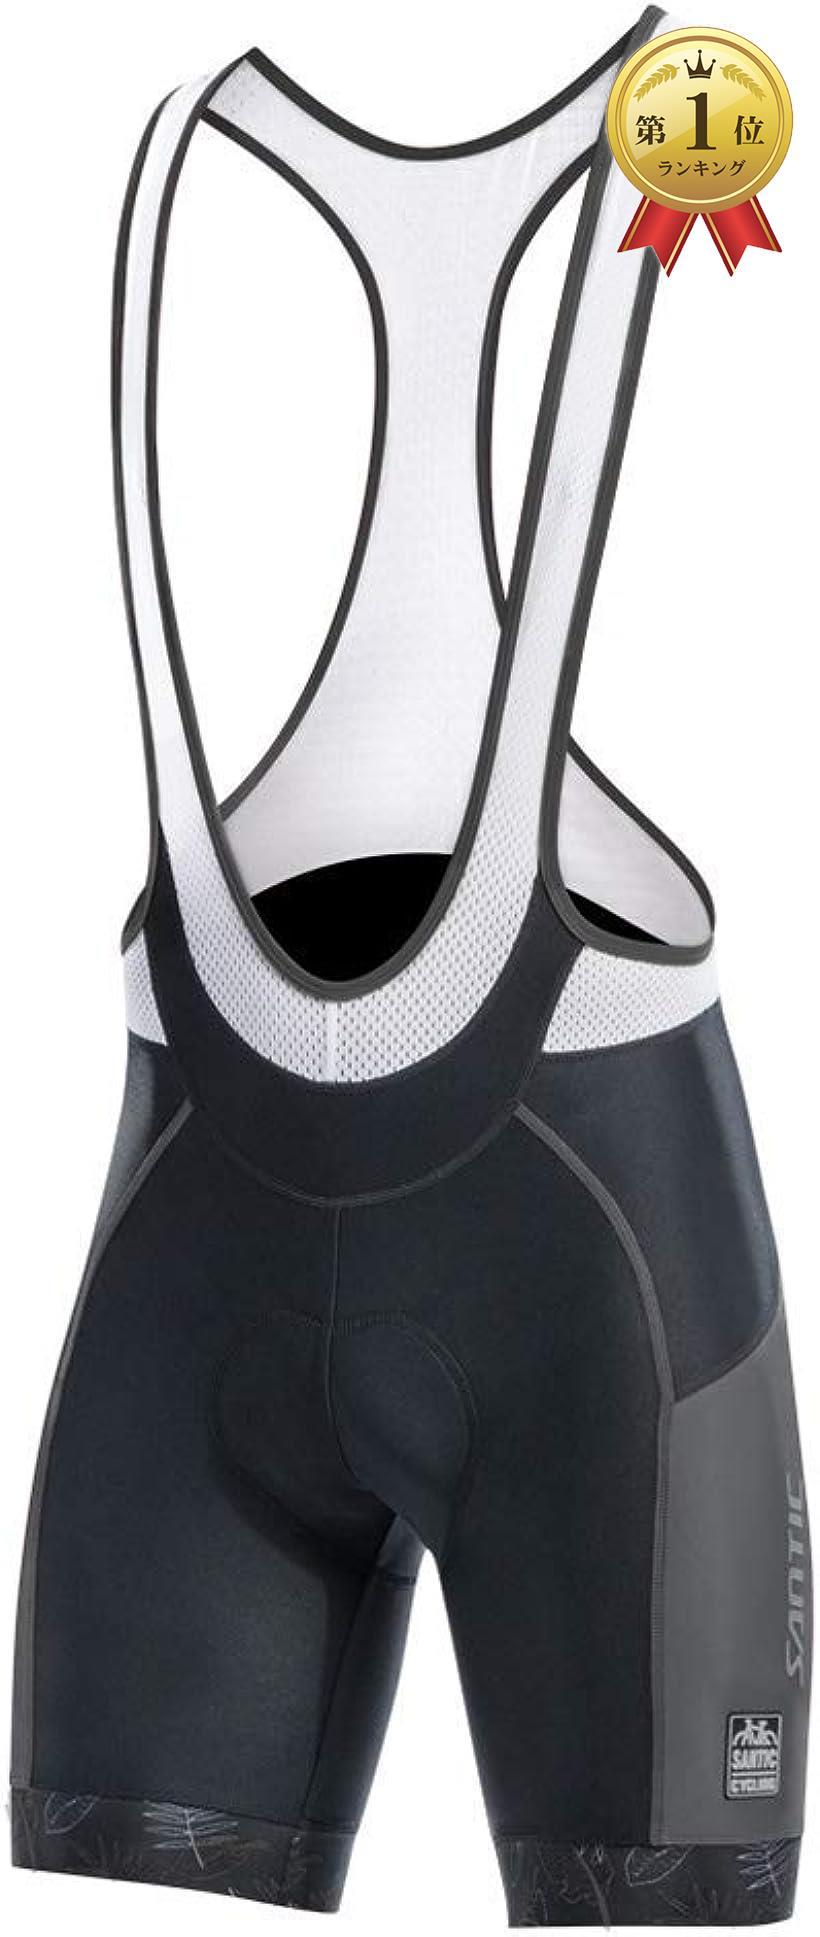 トレンド Santic サンティック メンズ ビブショーツ ビブパンツ サイクルパンツ グレー+ホワイト Medium 安心と信頼 吸汗速乾 3Dパッド付き 自転車